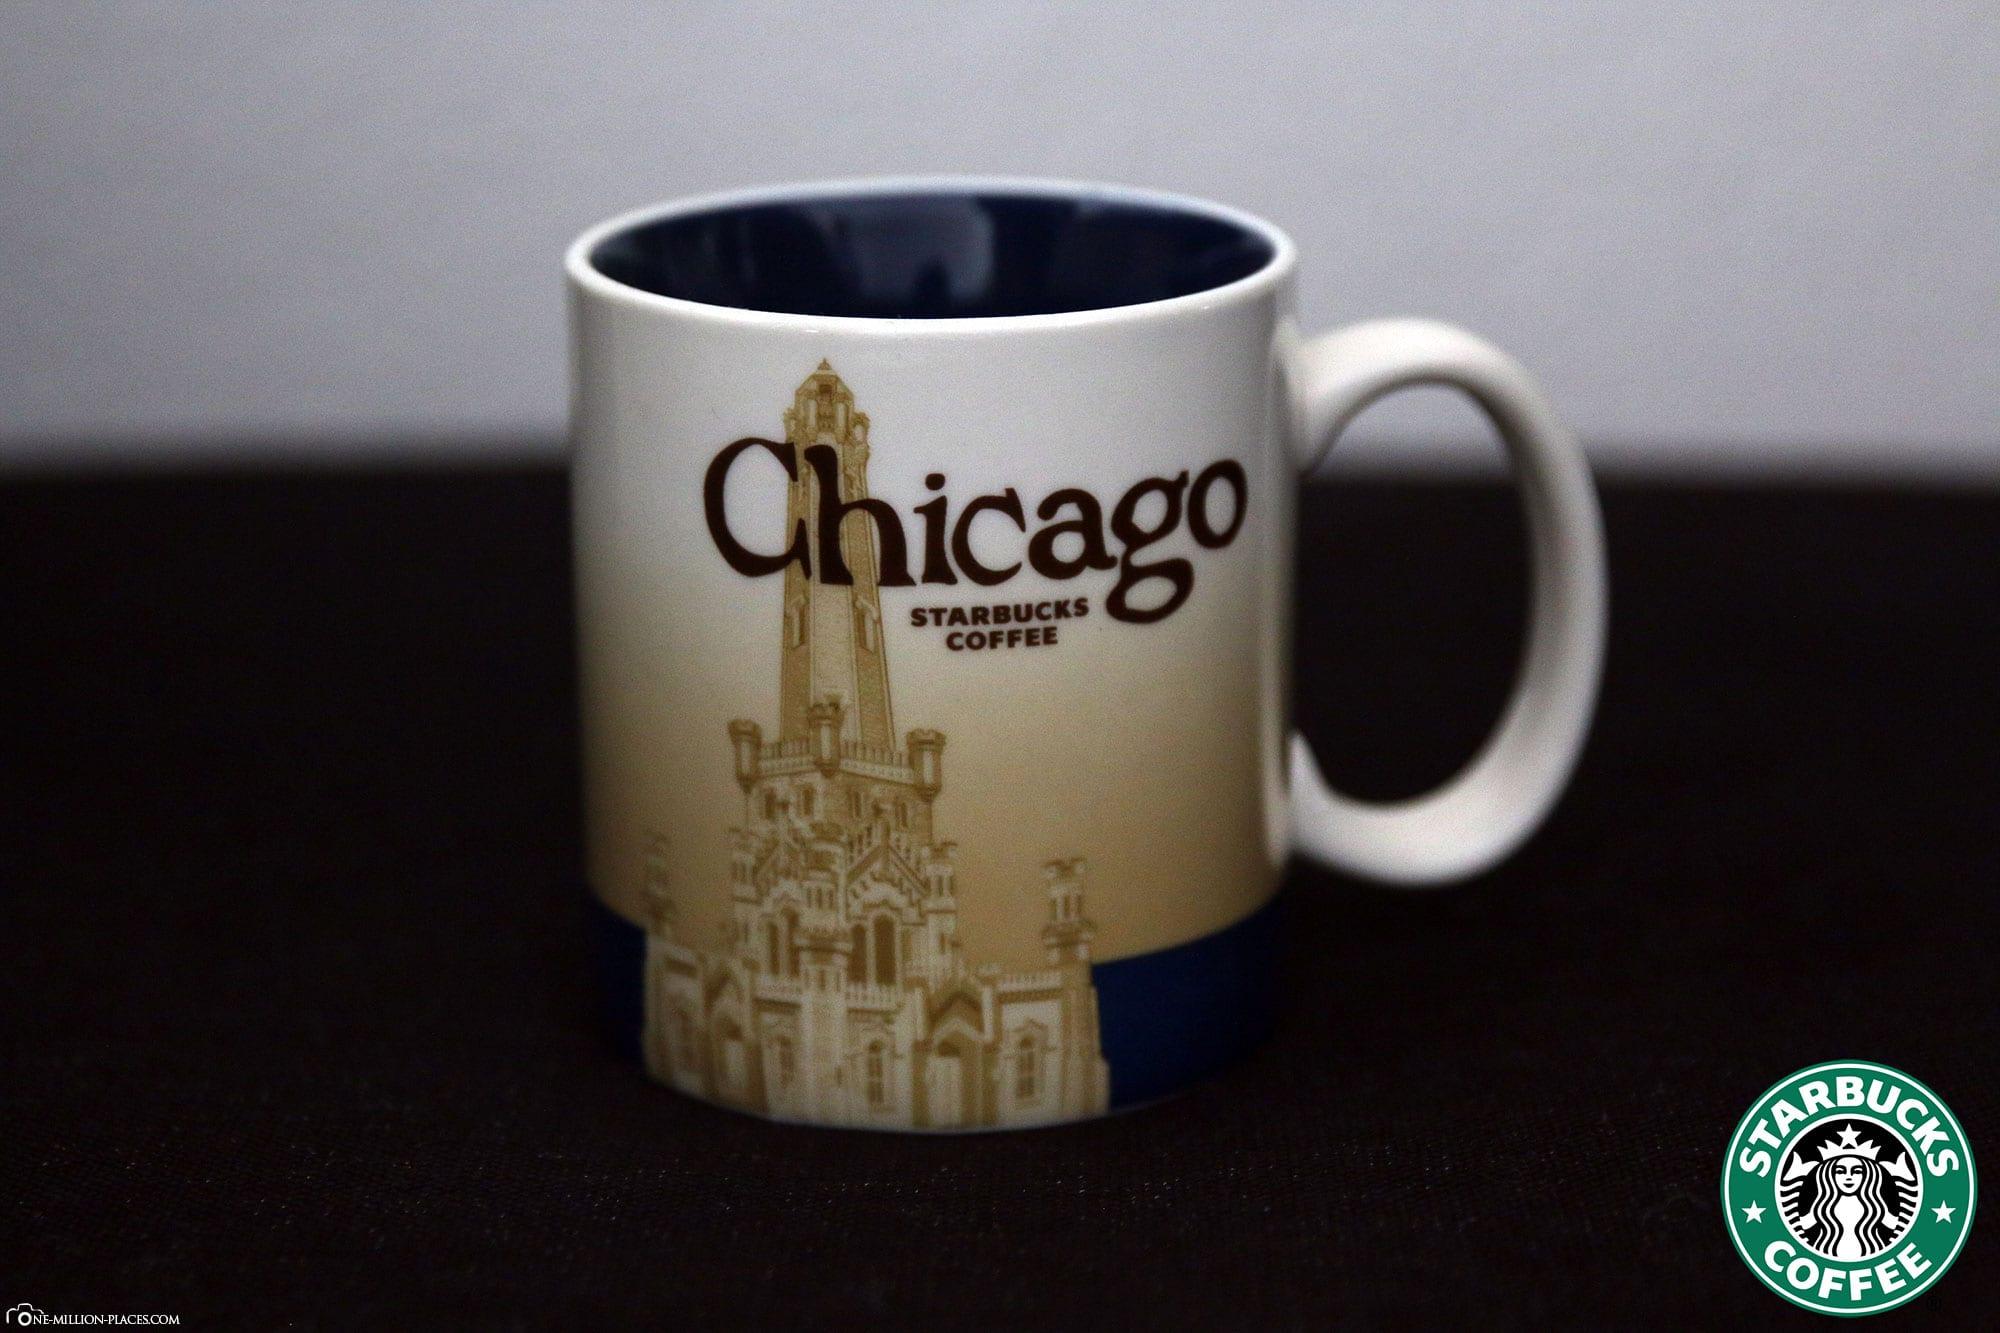 Chicago, Starbucks Tasse, Global Icon Serie, City Mugs, Sammlung, USA, Reisebericht